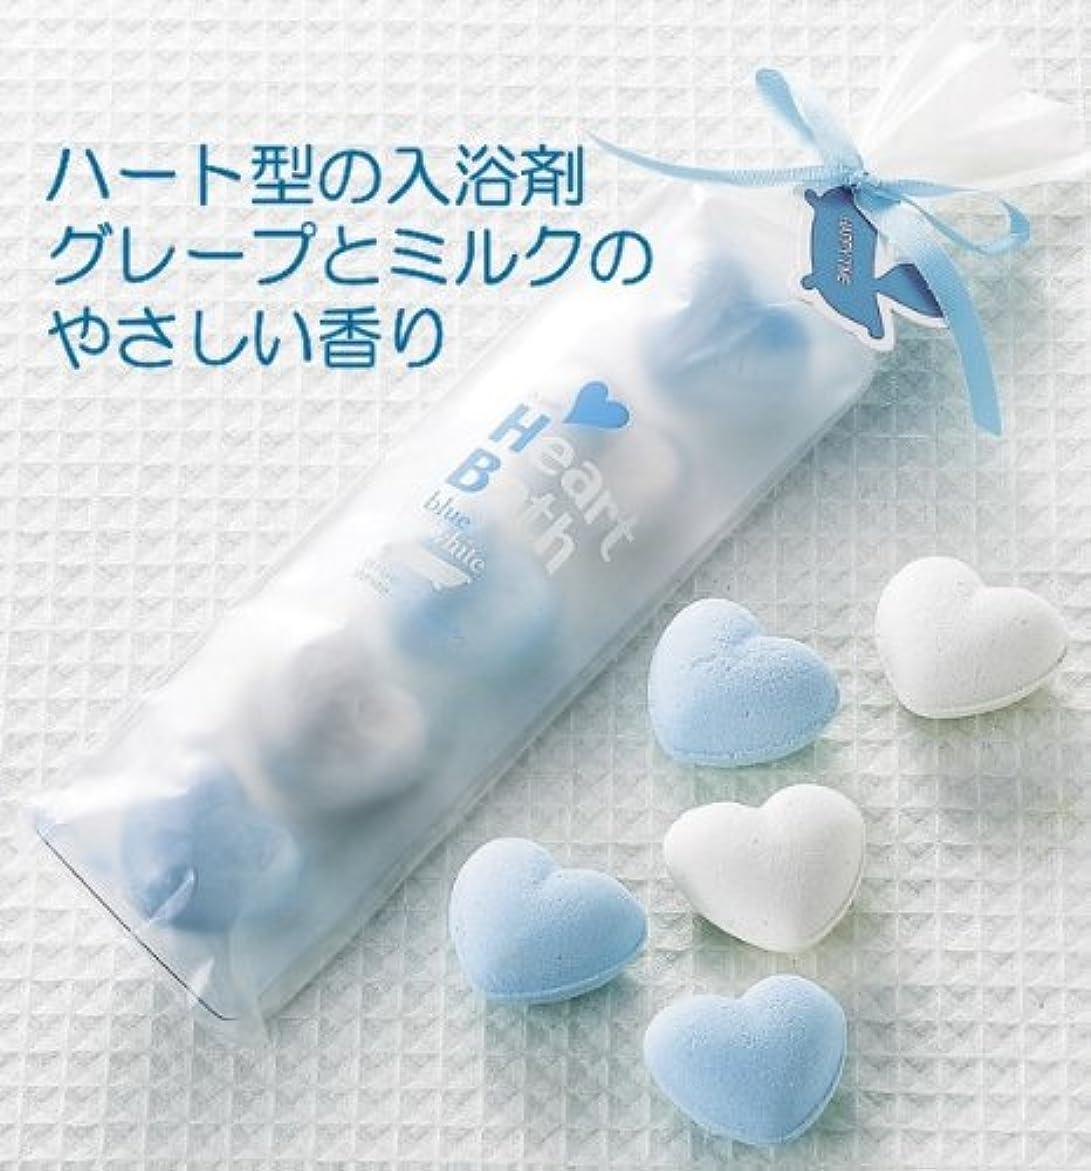 手首憂慮すべき引数ハート型の入浴剤 グレープ&ミルク